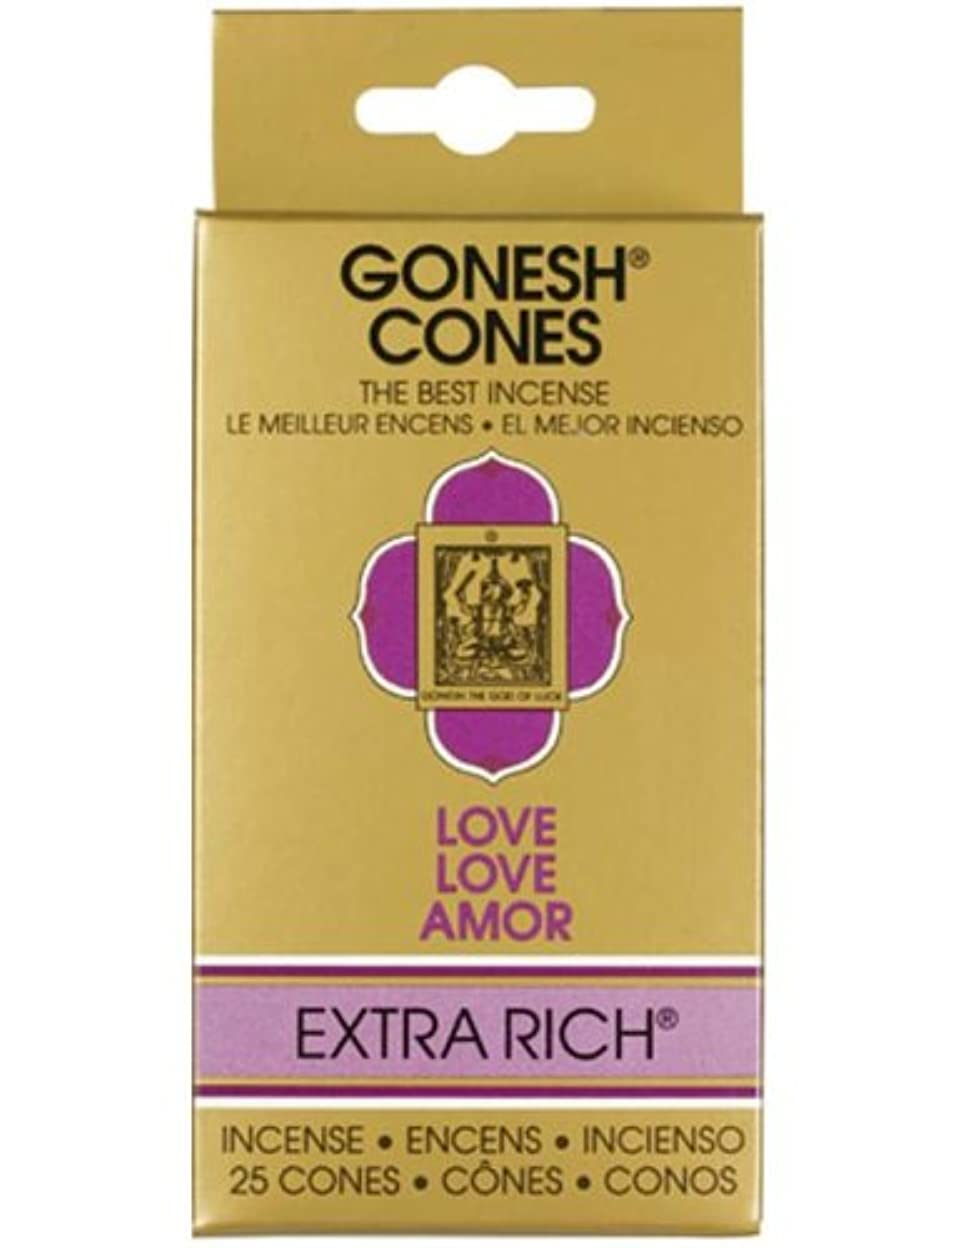 少年上院議員花瓶GONESH インセンスエクストラリッチ コーン ラブ